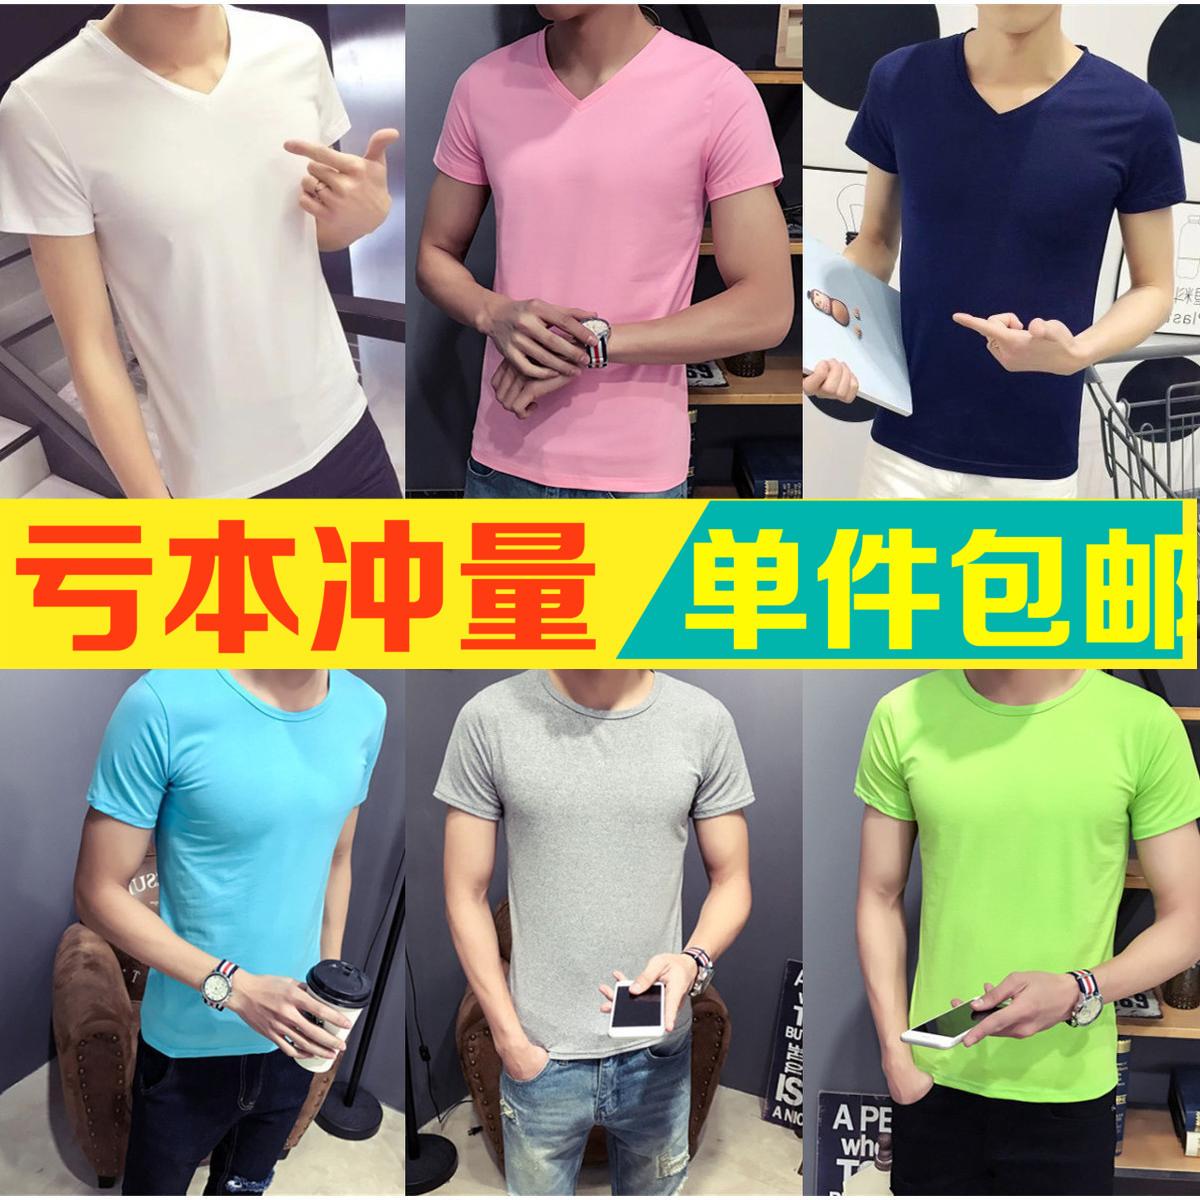 粉红色T恤 夏季短袖t恤男韩版修身青年纯色半袖胖子打底衫V领男体恤上衣服潮_推荐淘宝好看的粉红色T恤